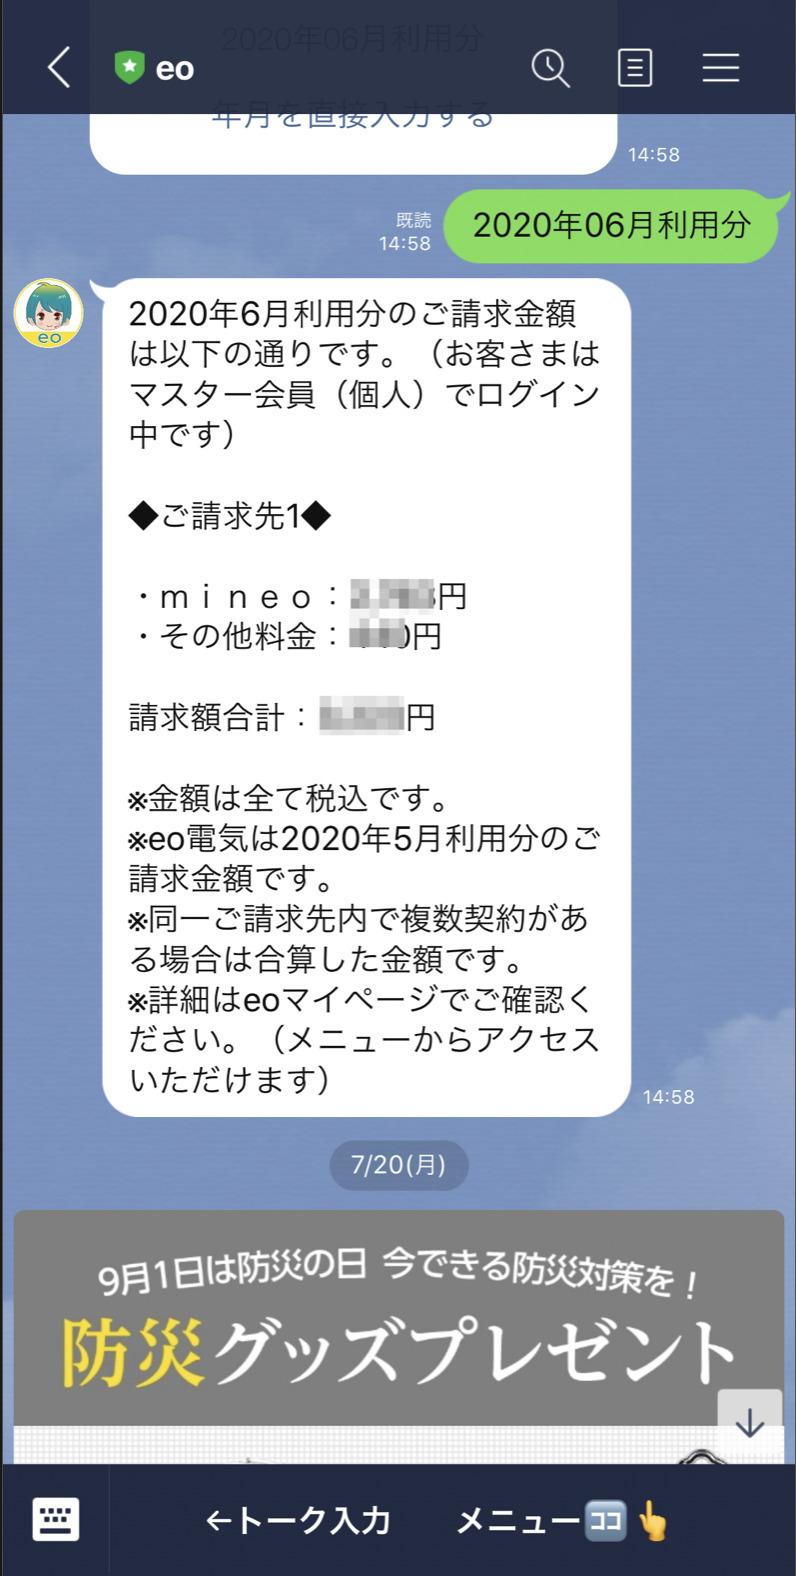 ページ eo マイ